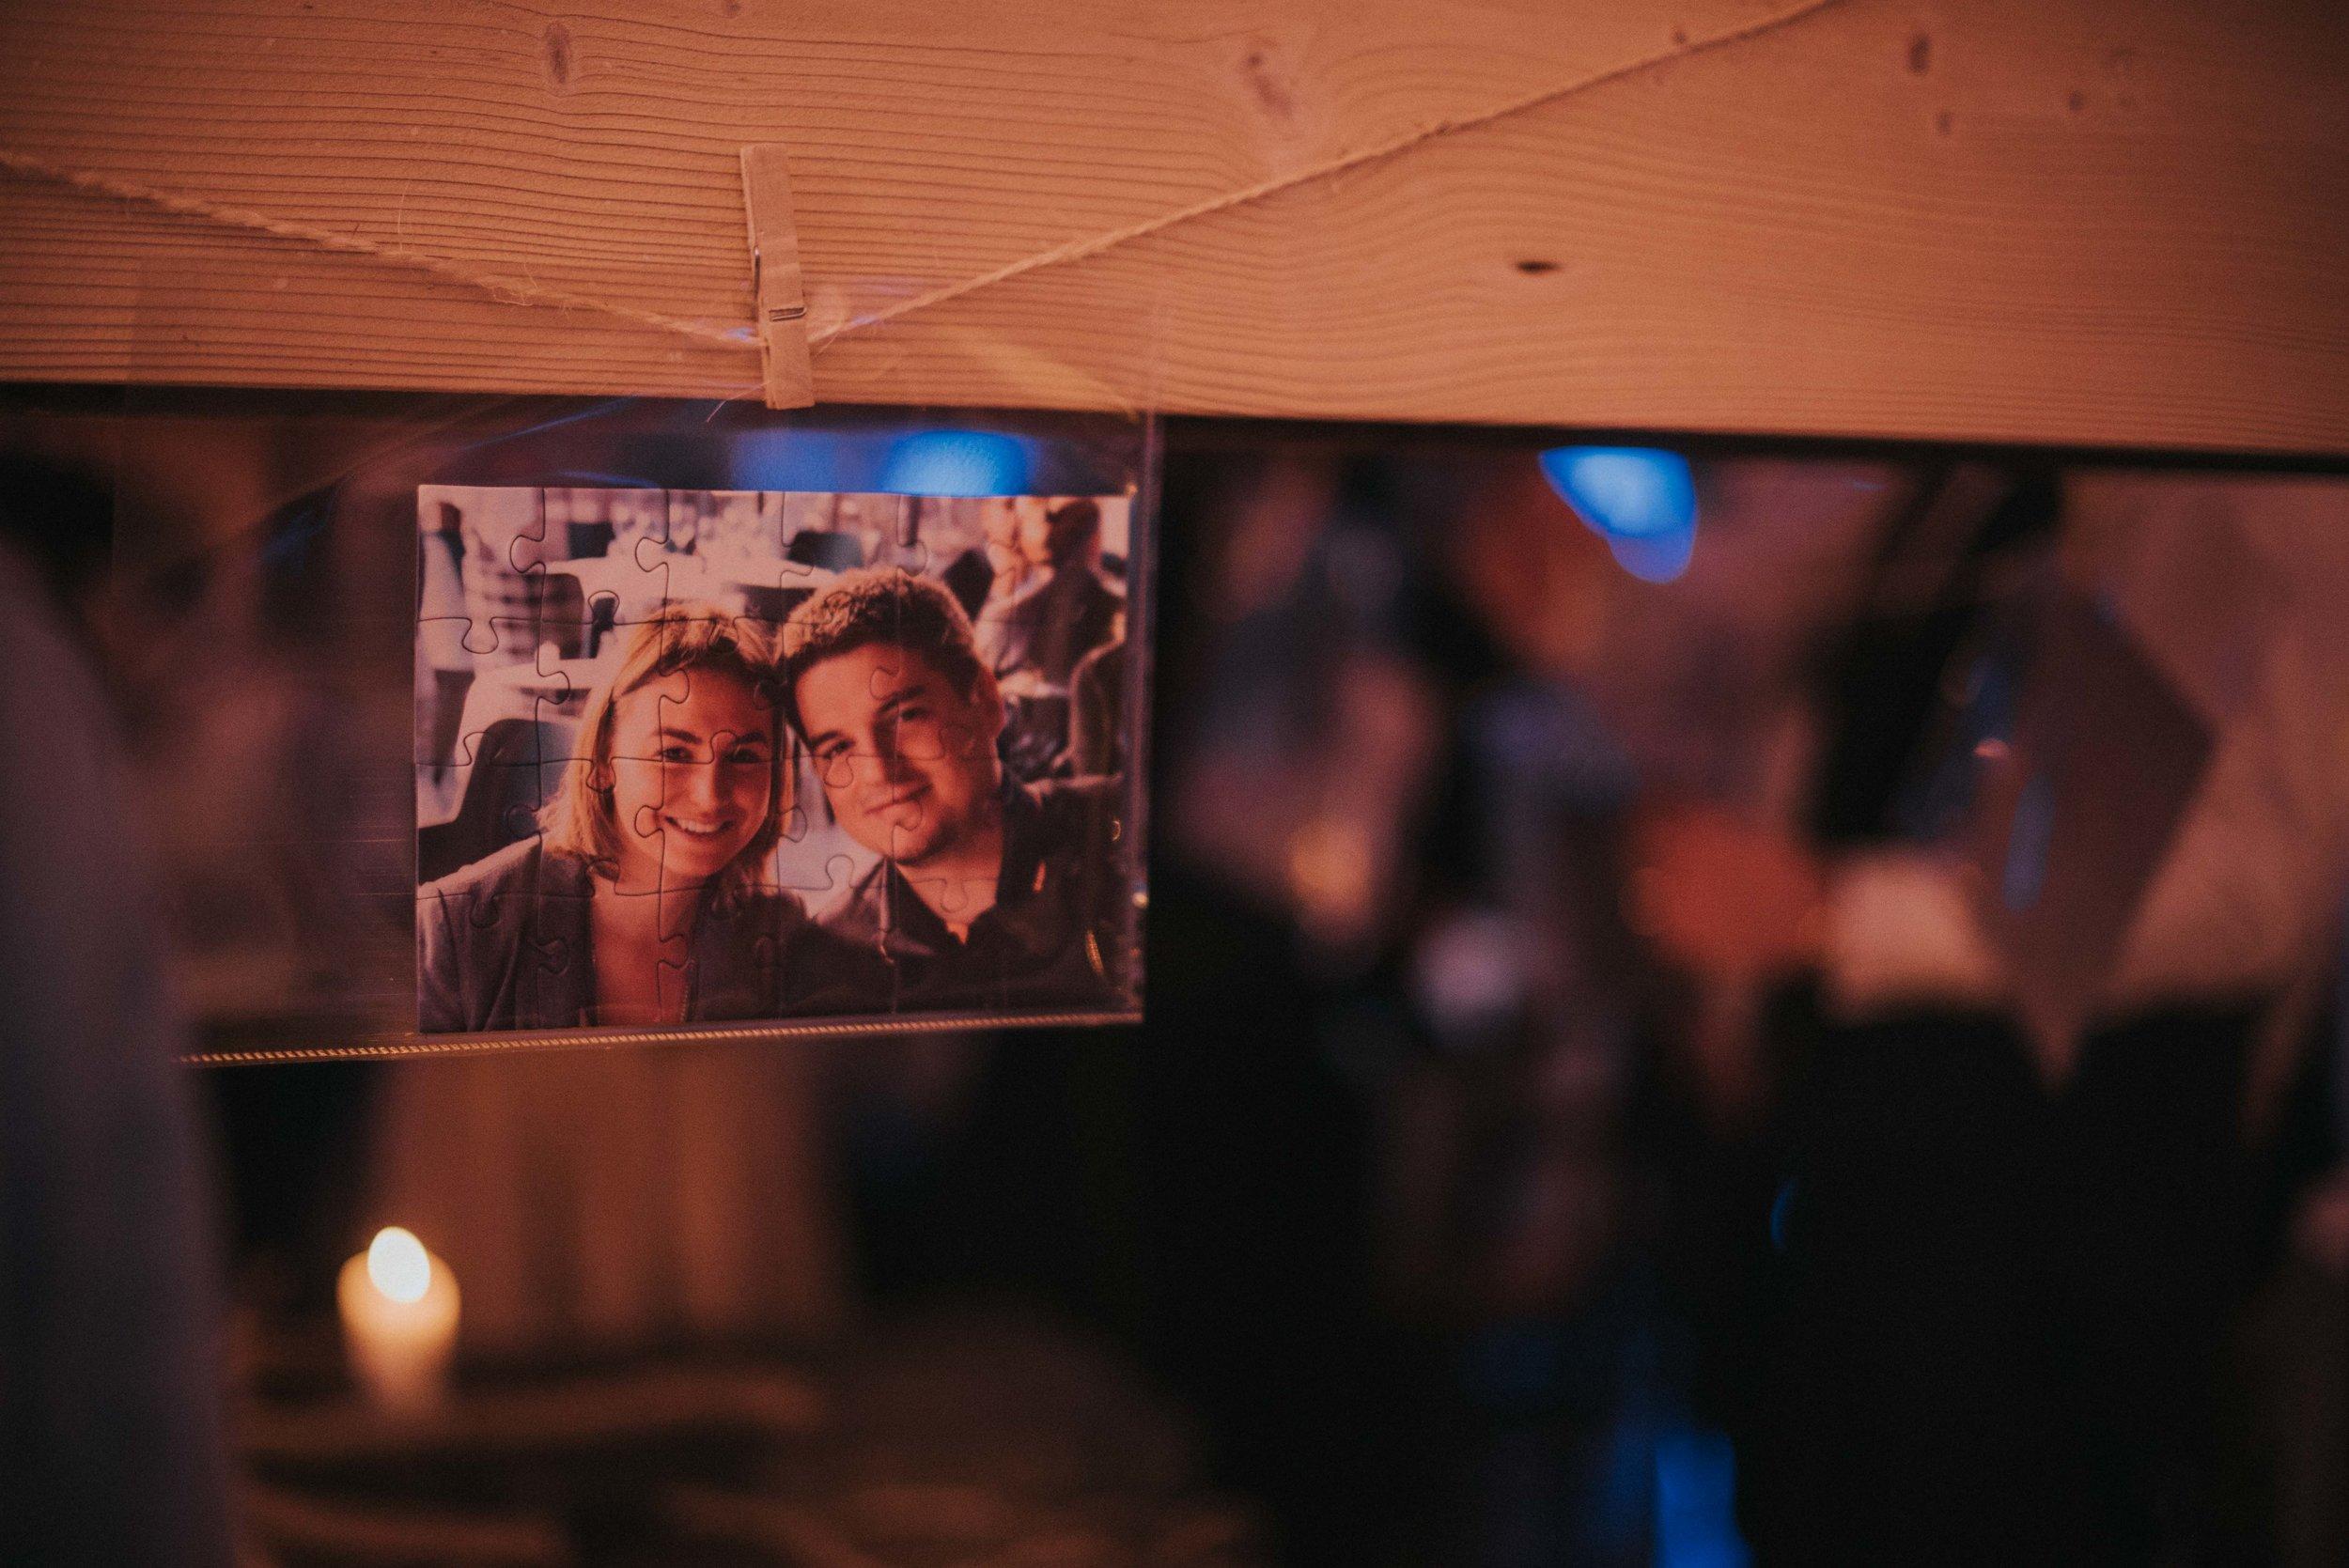 Léa-Fery-photographe-professionnel-lyon-rhone-alpes-portrait-mariage-couple-amour-lovesession-engagement-elopment-3366.jpg